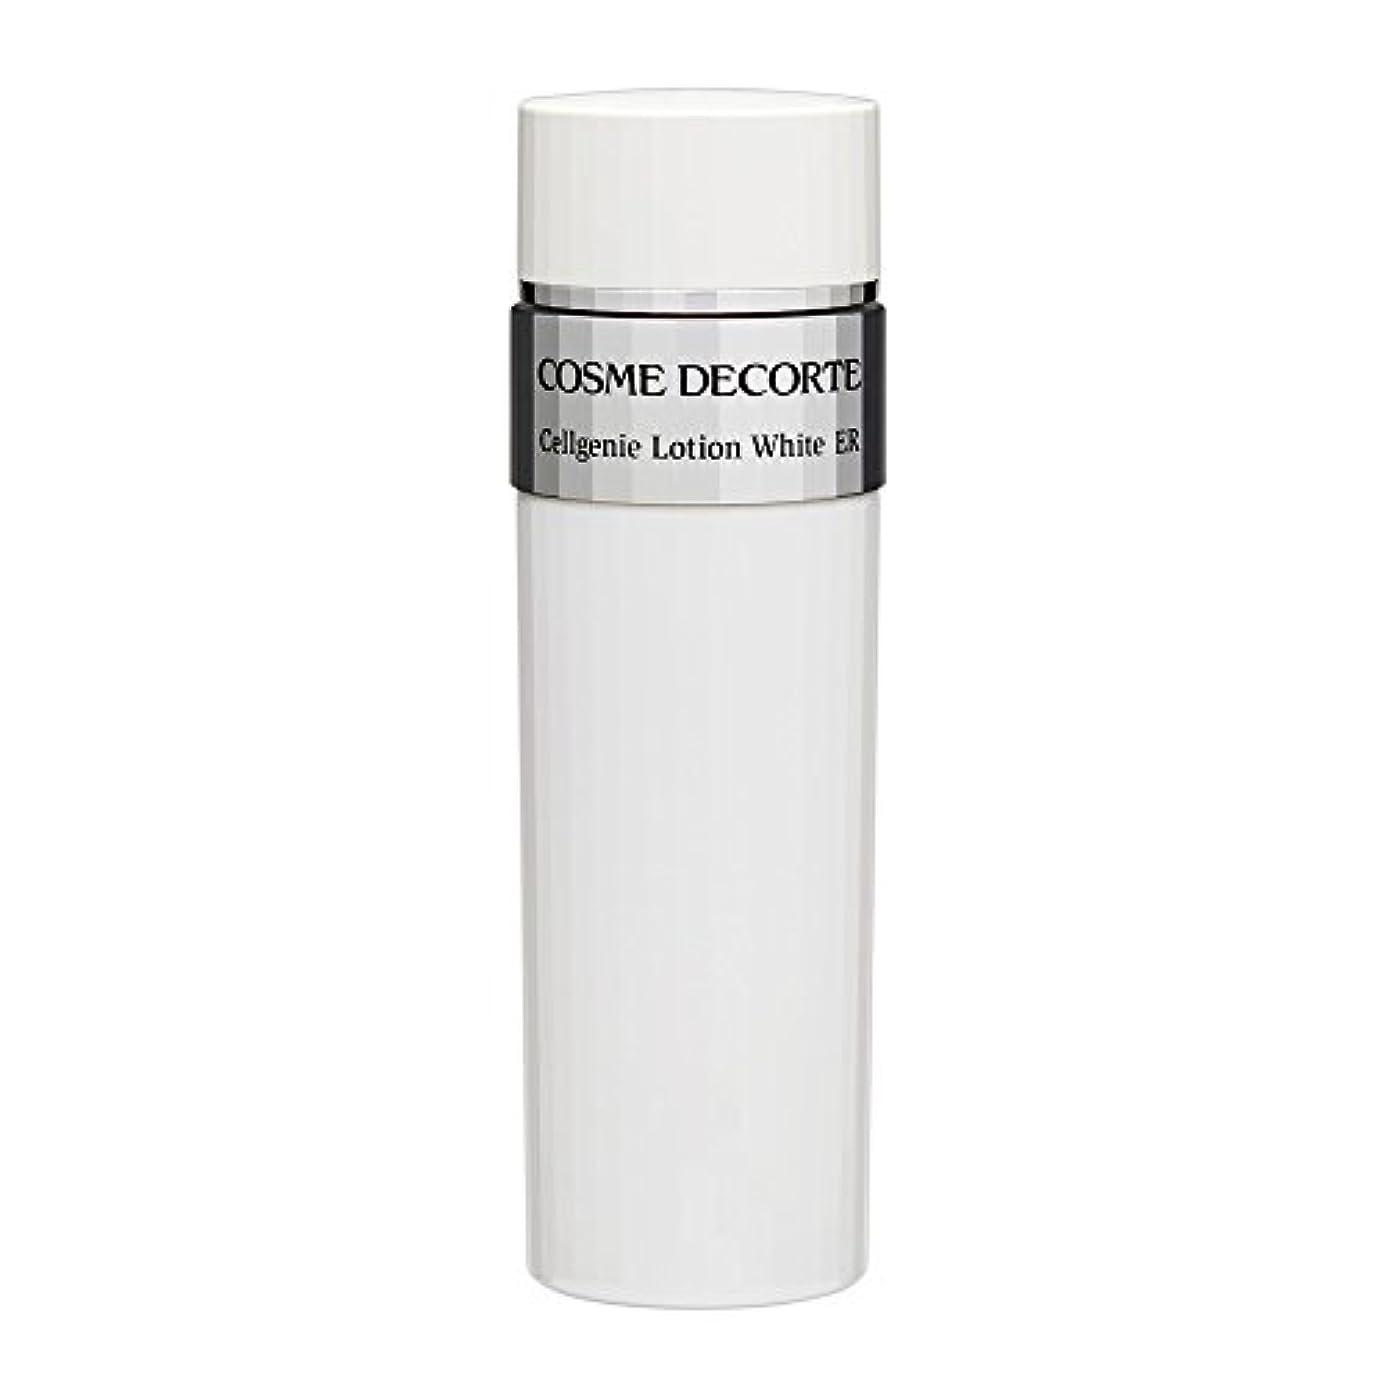 迷路カスケード味わうCOSME DECORTE コーセー/KOSE セルジェニーローションホワイトER 200ml [362923] [並行輸入品]